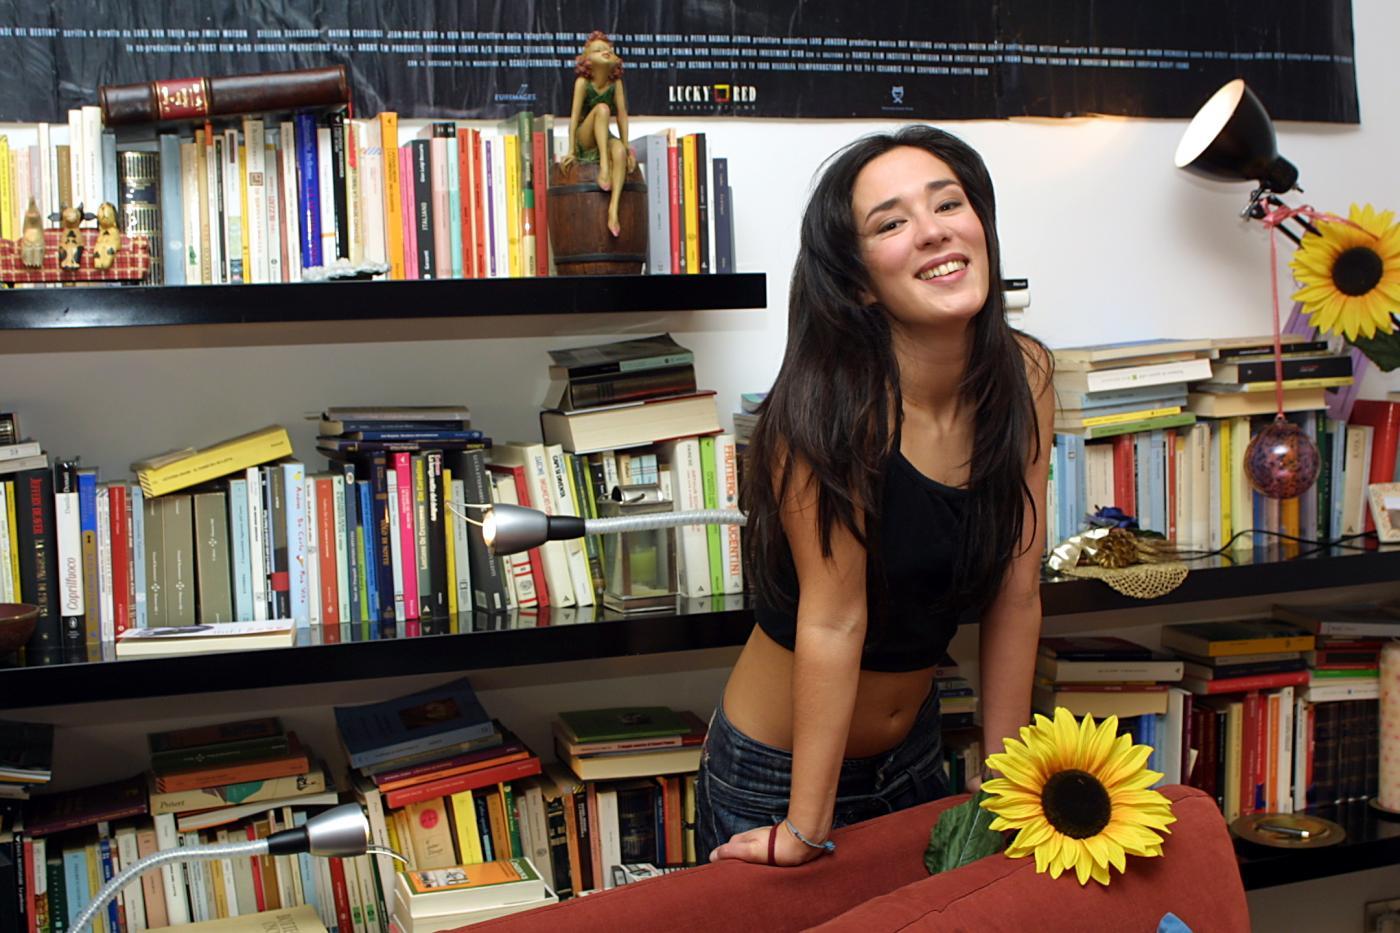 Adesso, di Chiara Gamberale: il nuovo romanzo sull'amore edito da Feltrinelli